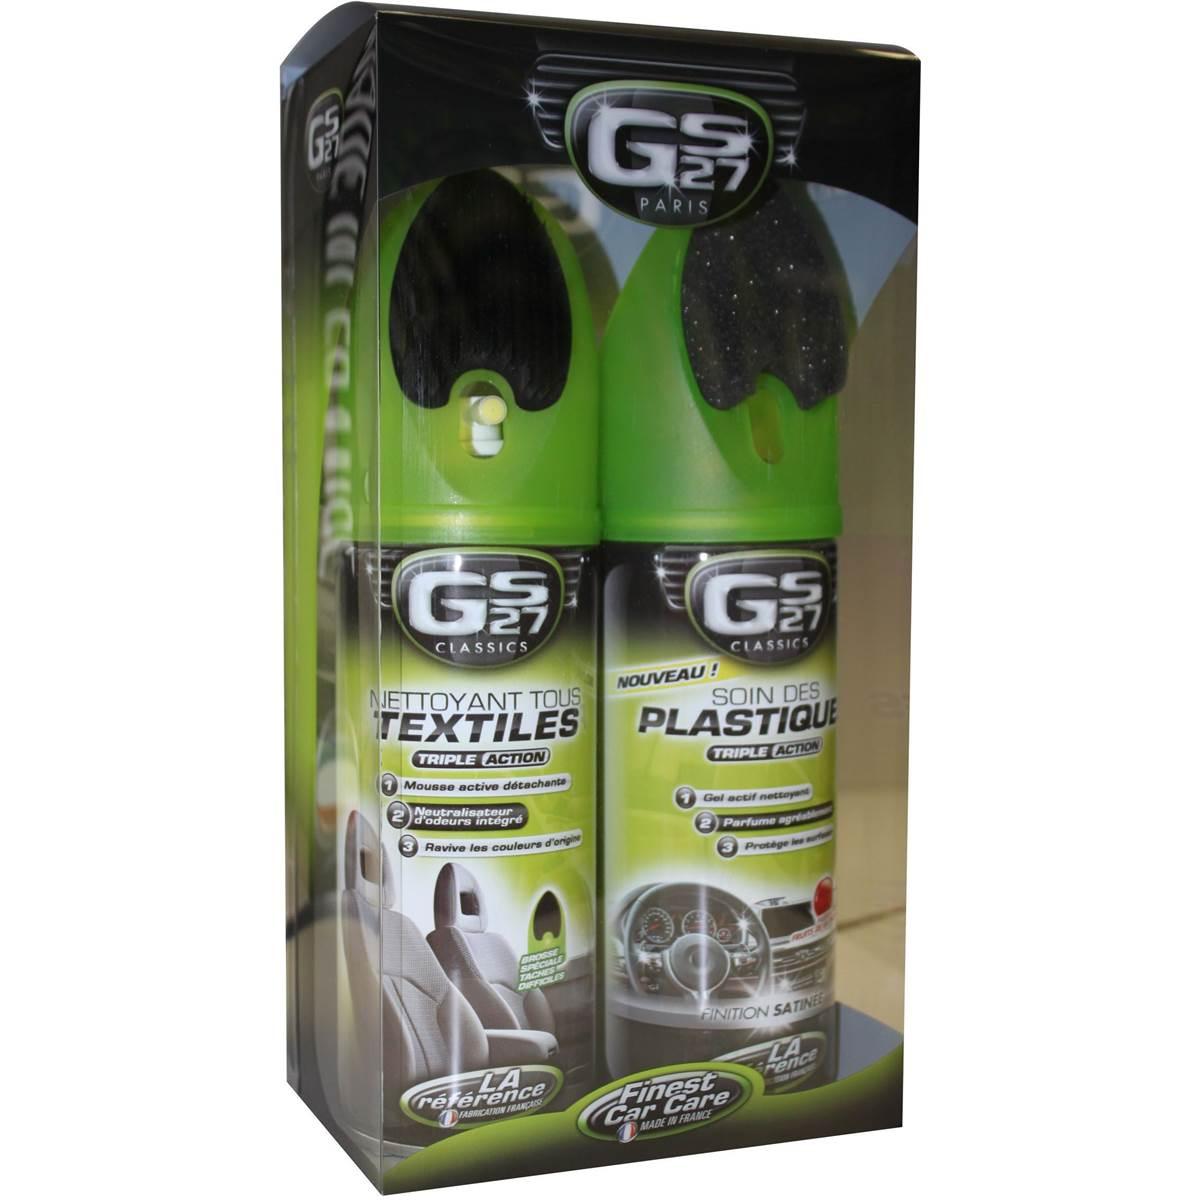 Nettoyant textile + nettoyant plastique (pack) GS27